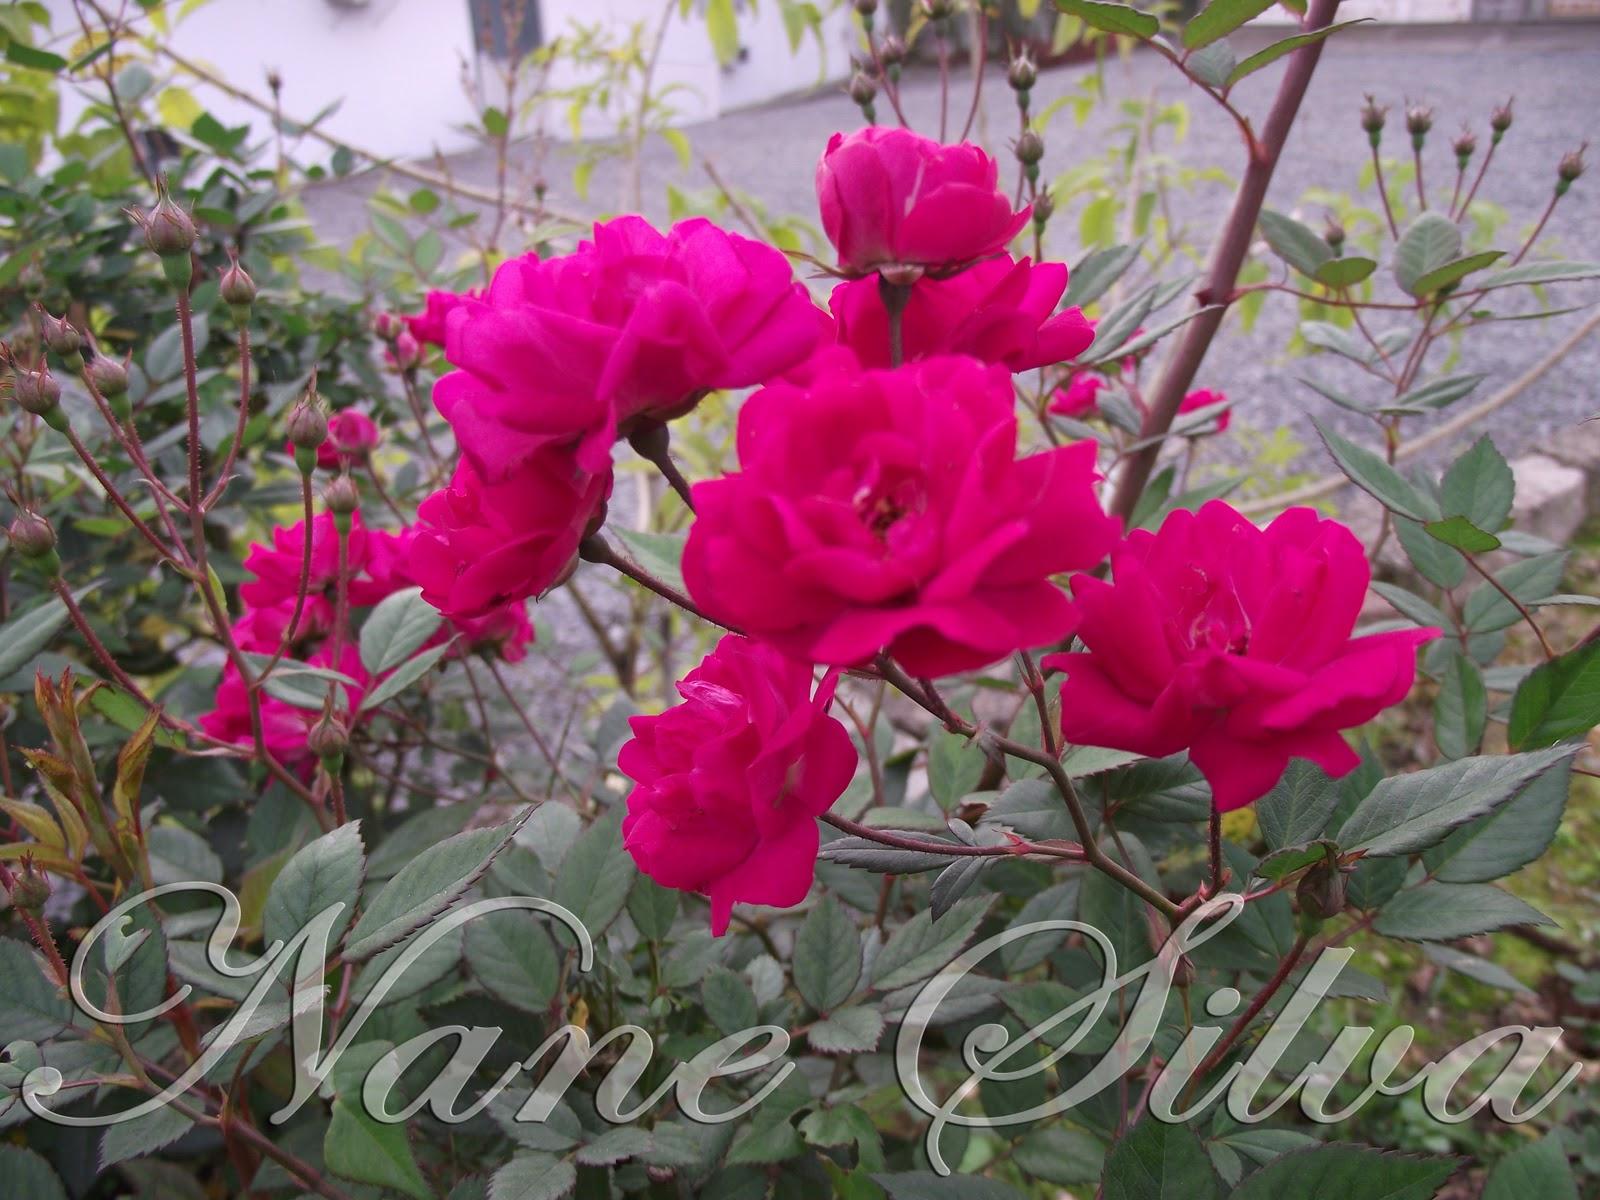 NANE SILVA Mini Rosas do Meu Jardim